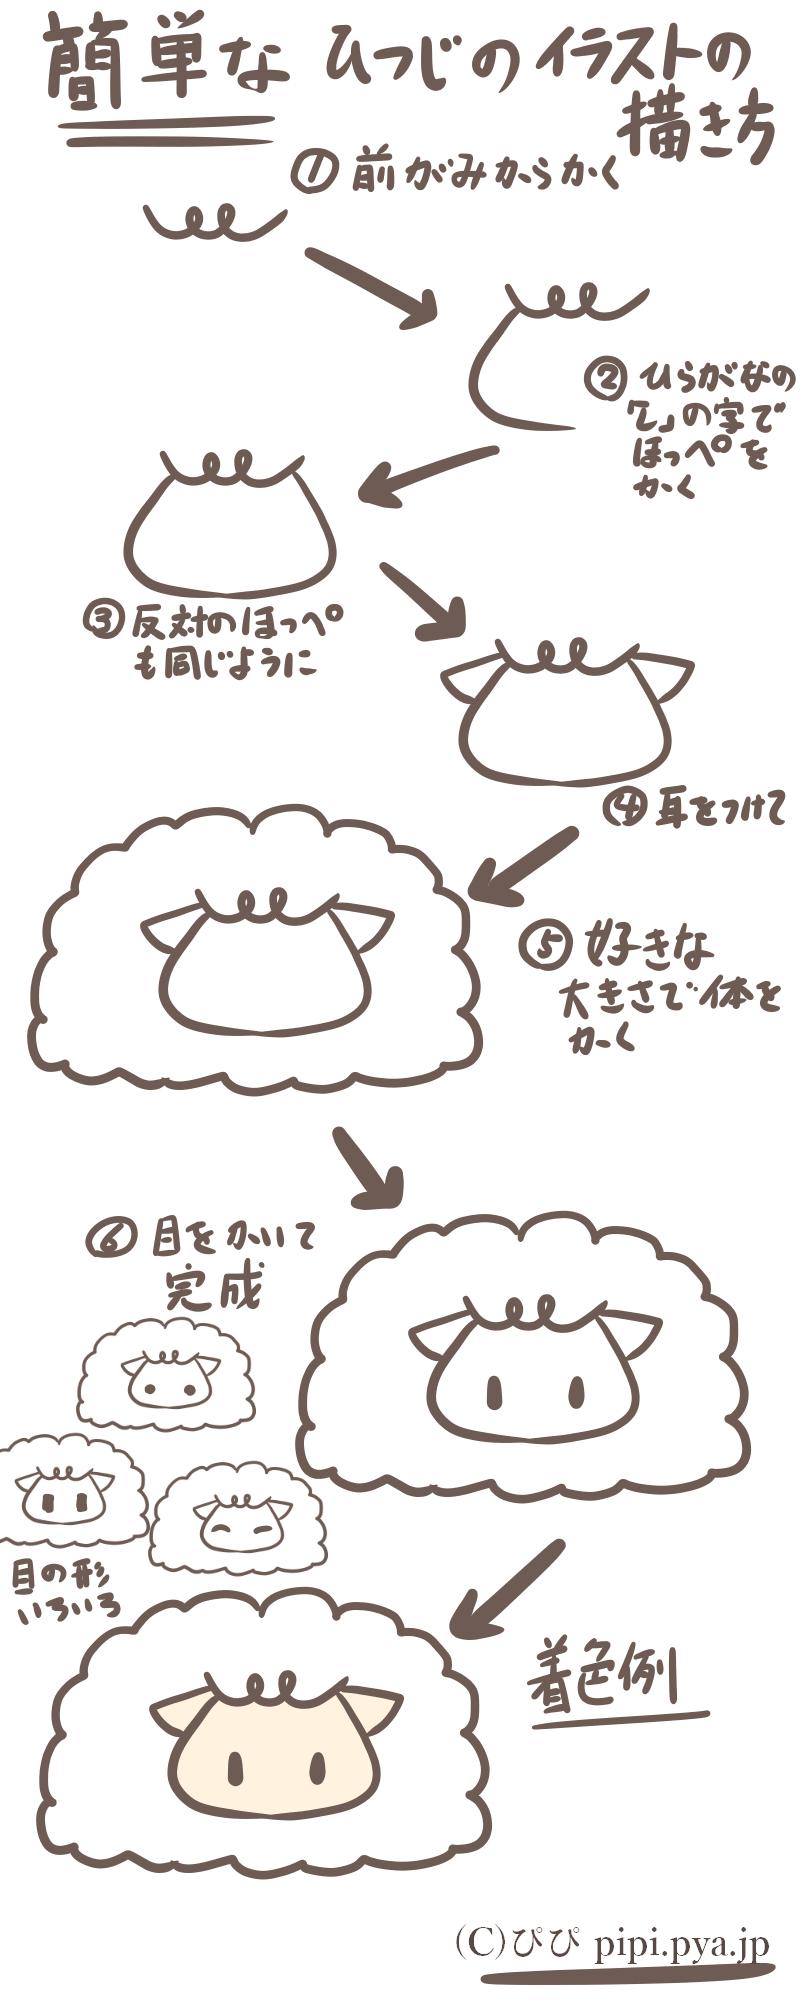 簡単な羊の描き方 | my illustration | pinterest | 描き方、羊、簡単